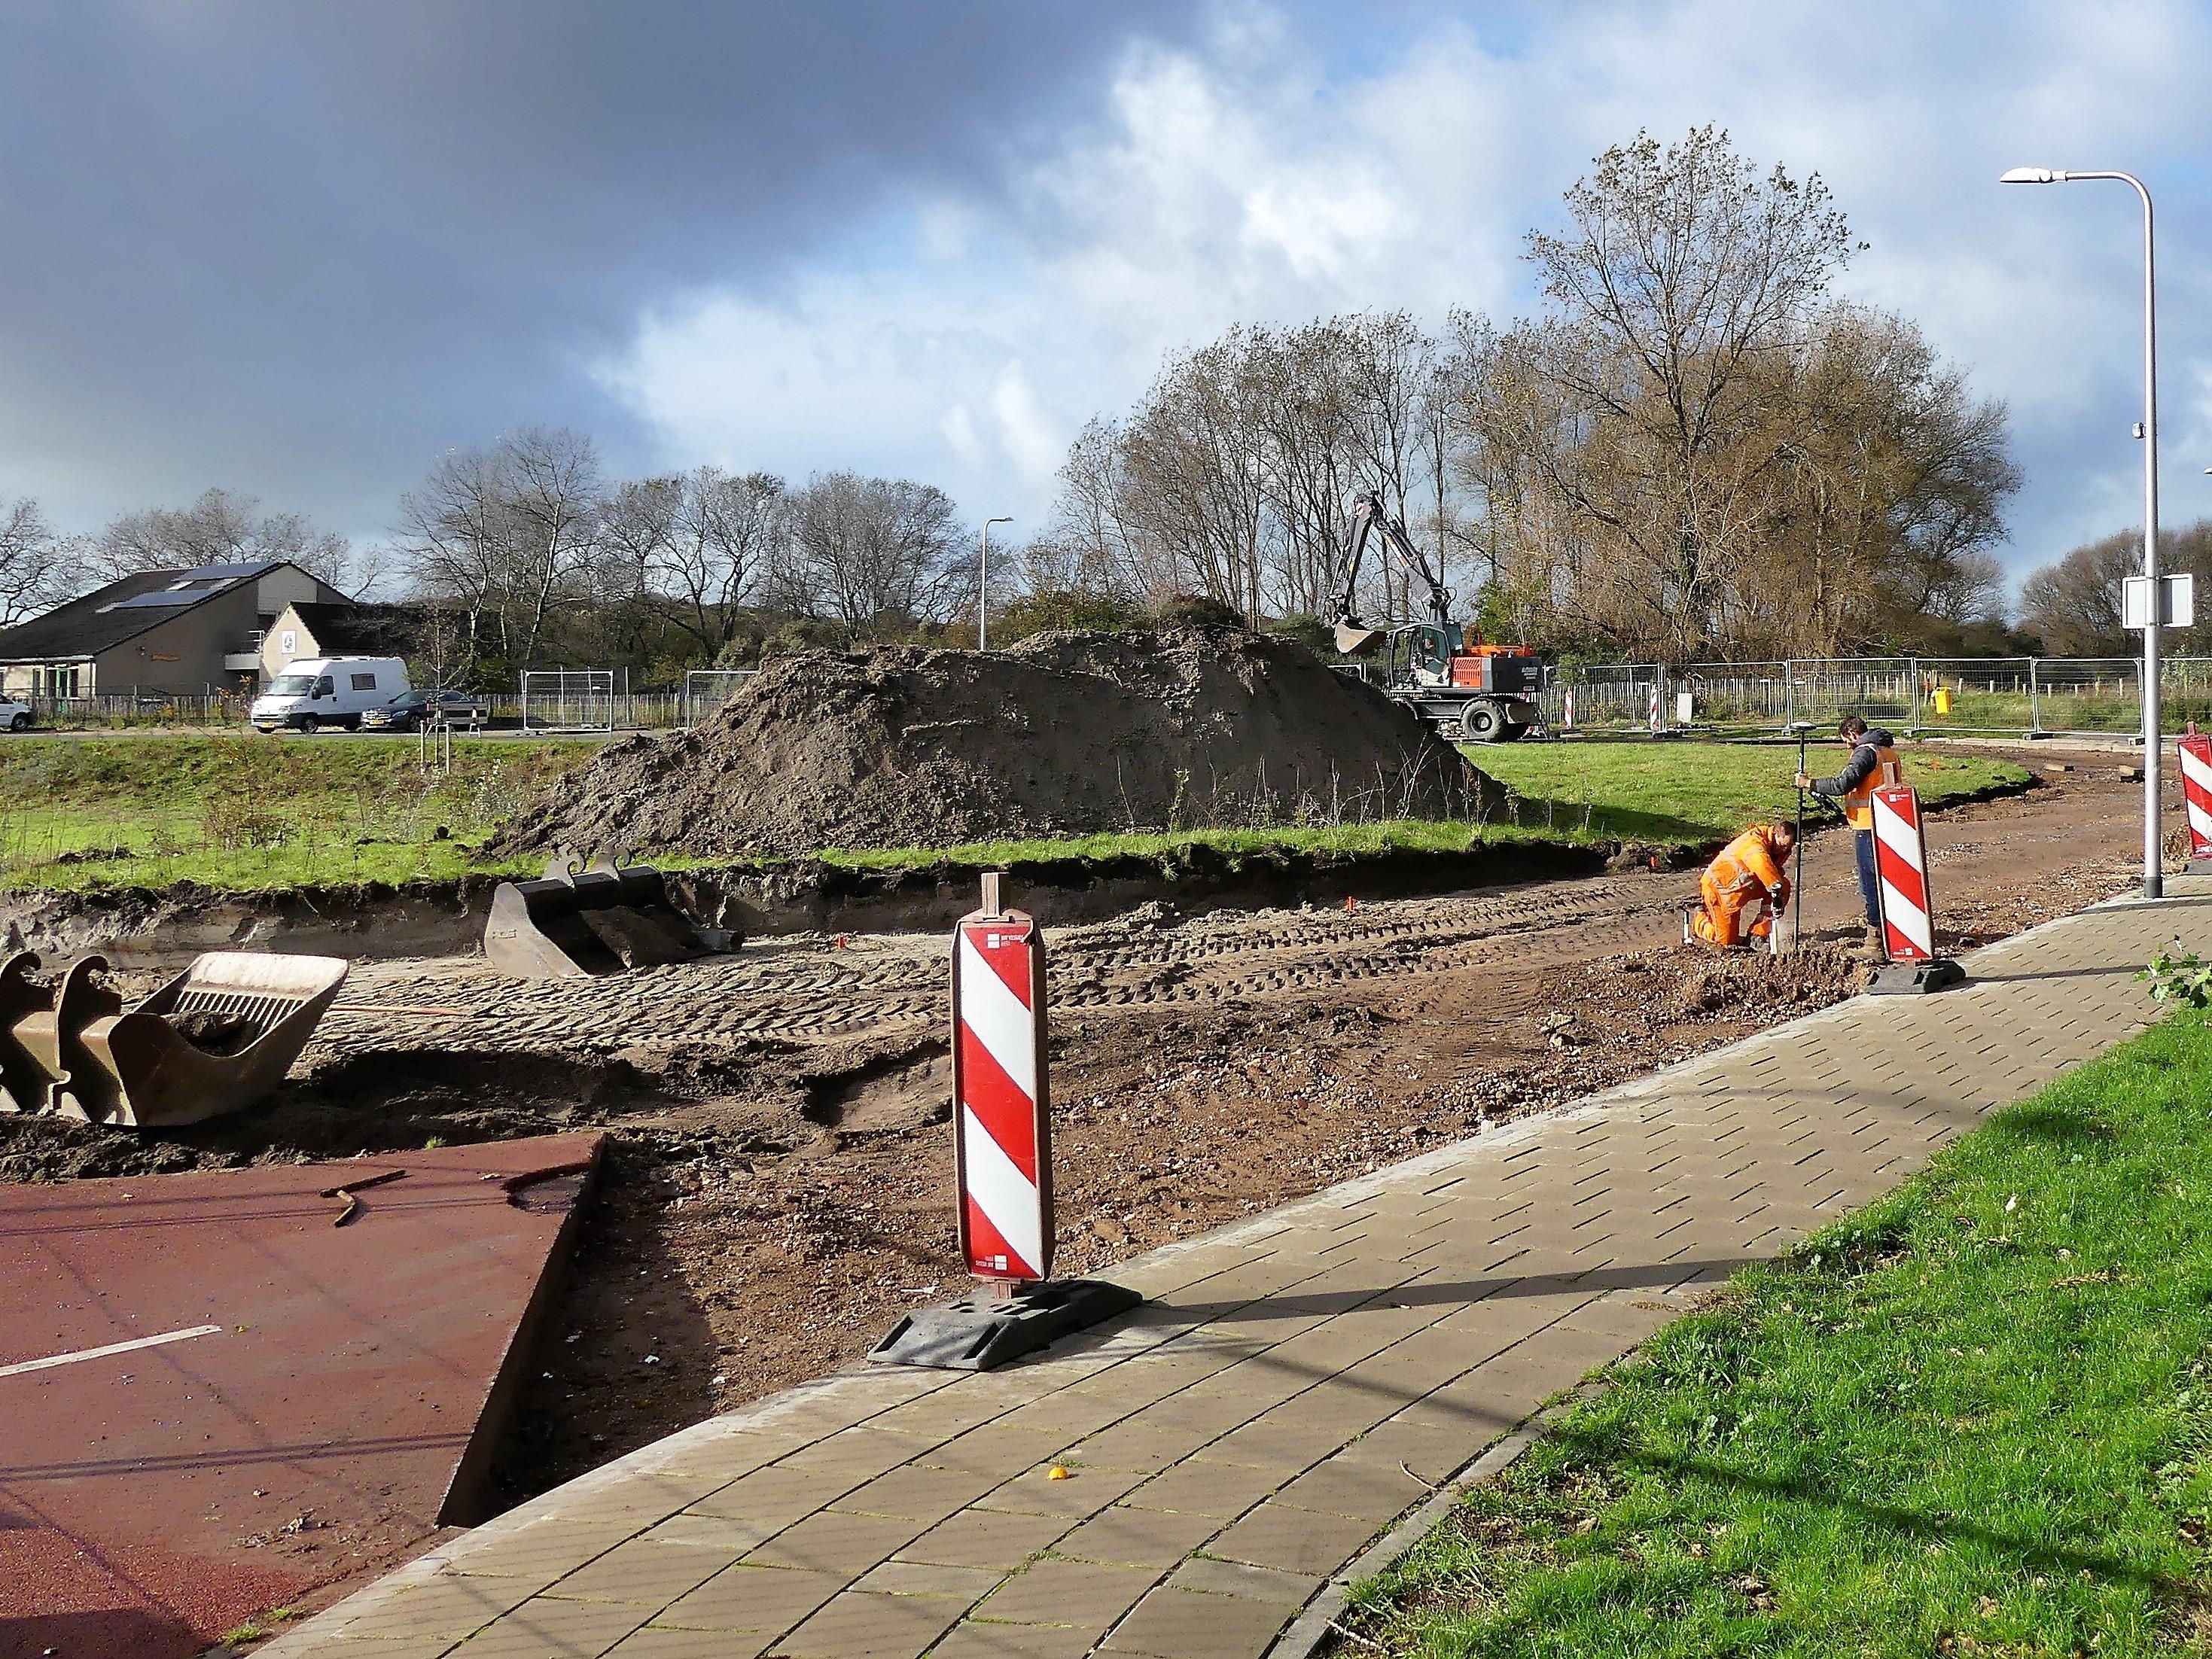 Aanleg fietspad door Katwijkse duinen begonnen: groene partij GemeenteBelangen eist succes op